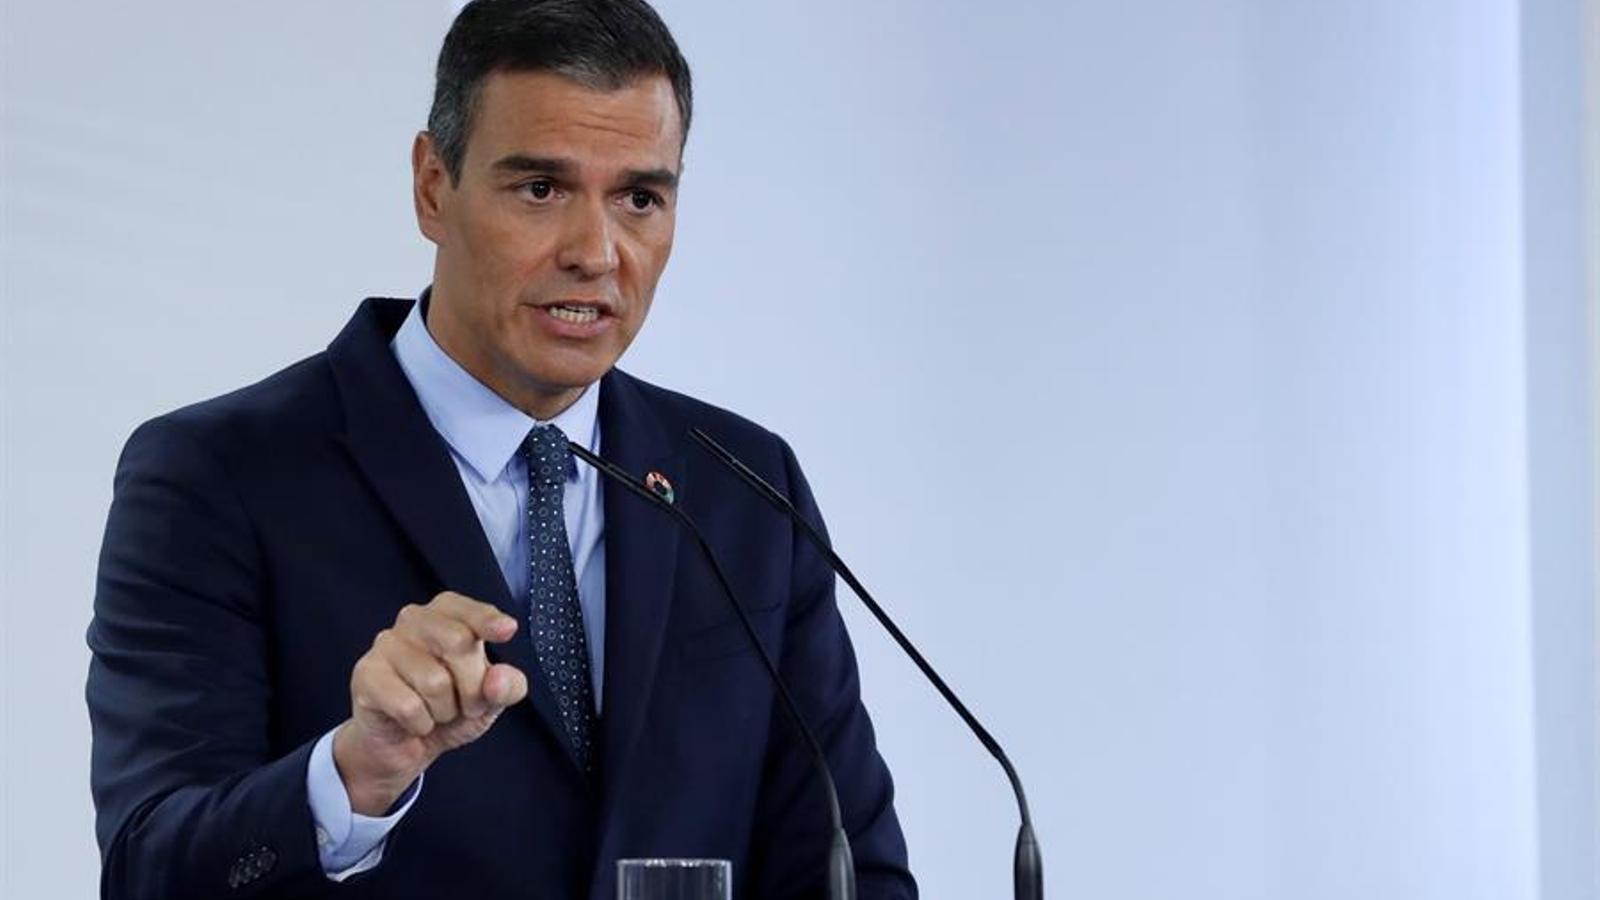 El president del govern espanyol, Pedro Sánchez, durant la roda de premsa posterior al Consell de Ministres, d'aquest dimarts.